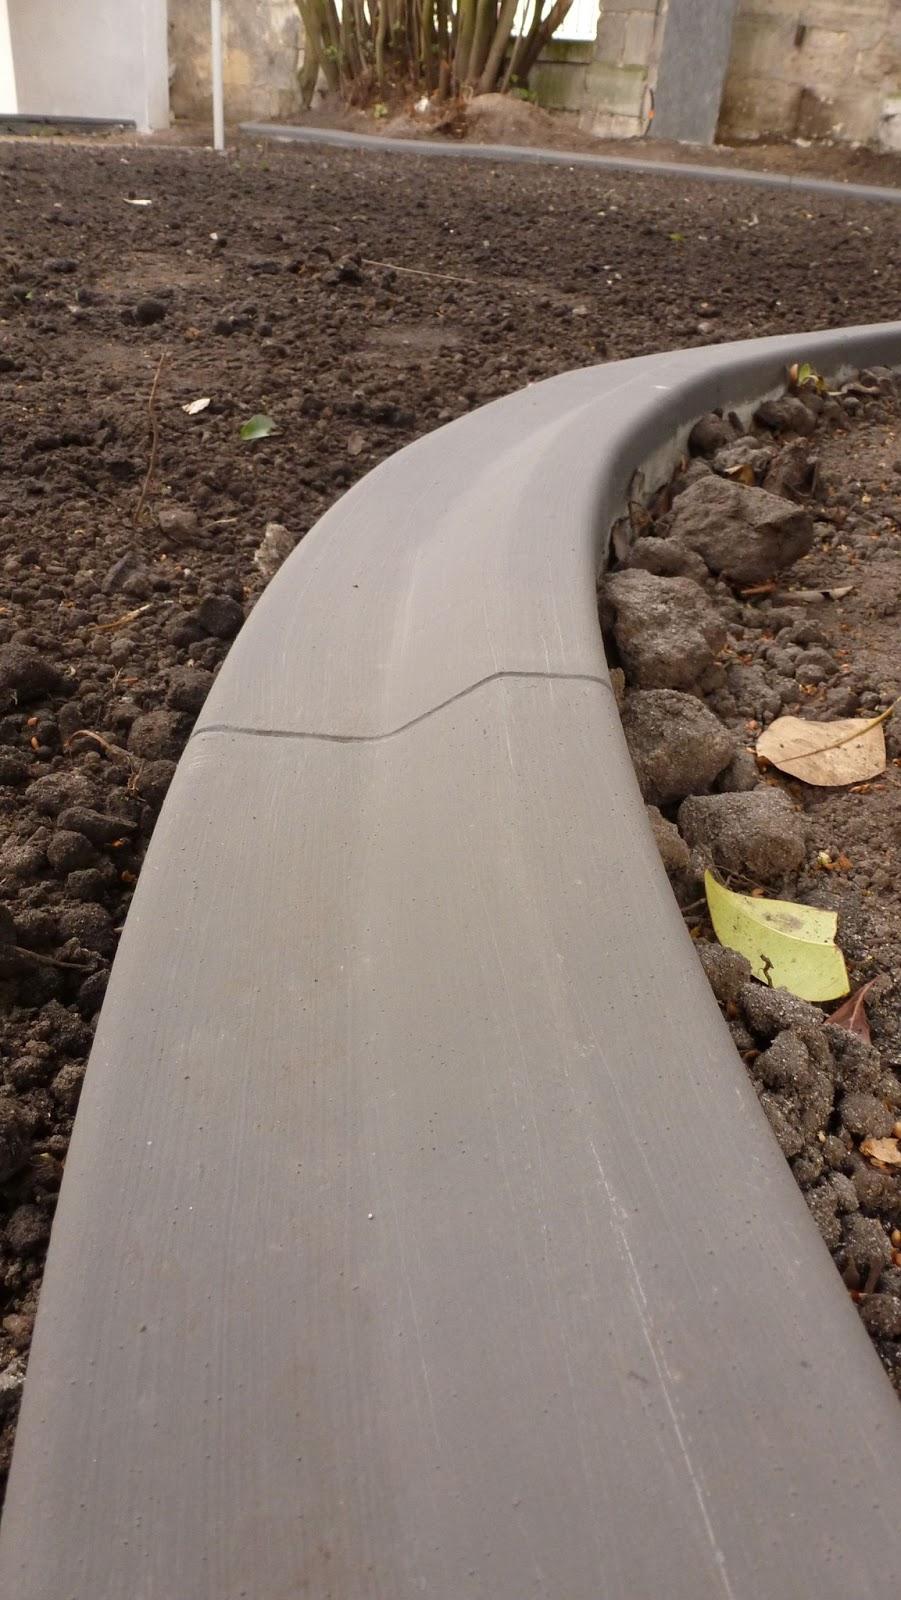 Pose de bordures b ton moul es pour jardin massif espaces verts - Faire ses bordures de jardin ...